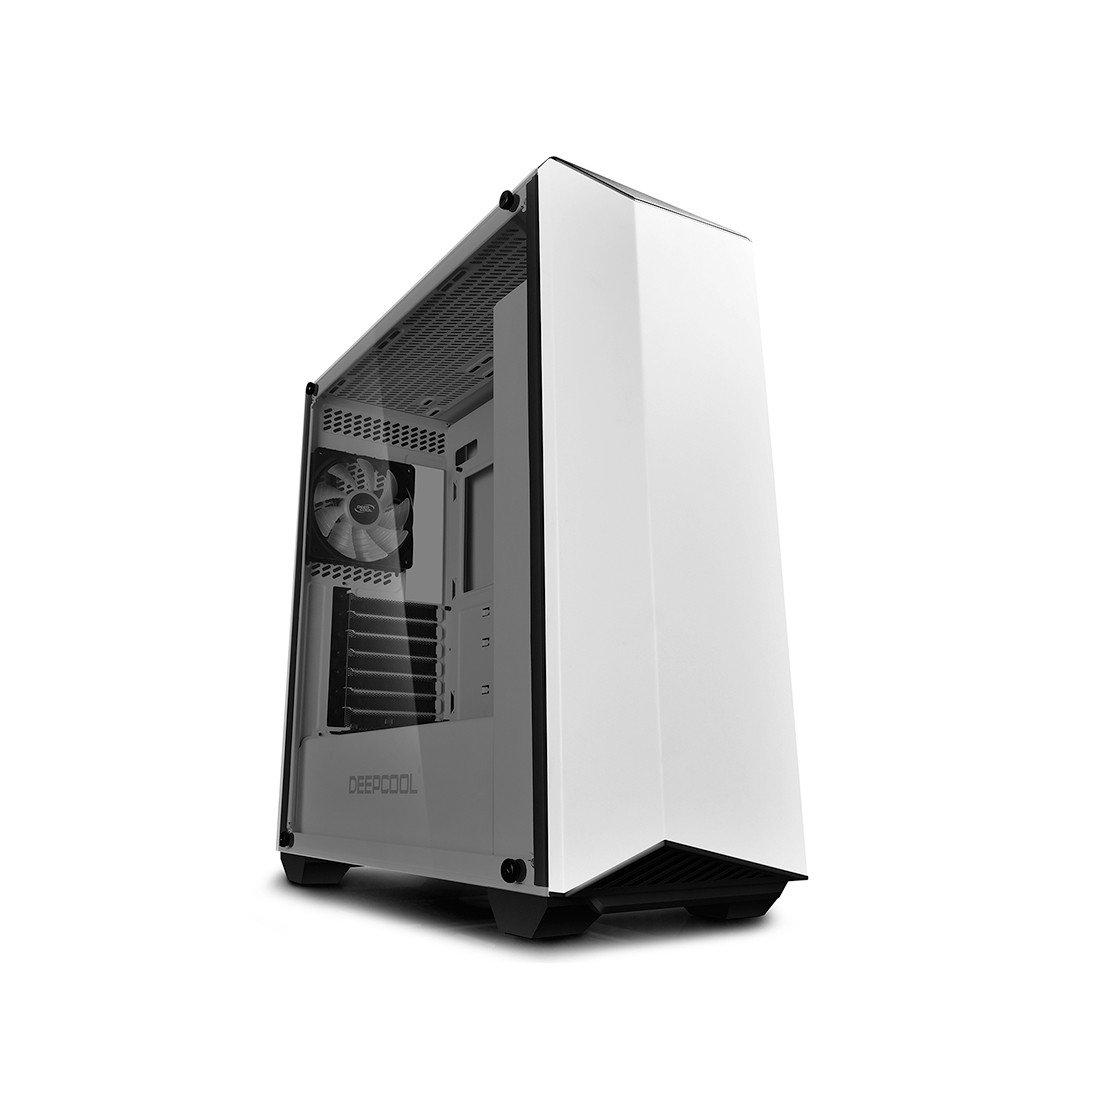 Системный блок Intel Core i3-8100 3.6GHZ/H310/DDR4 8GB/SSD 240GB/DVD/450W